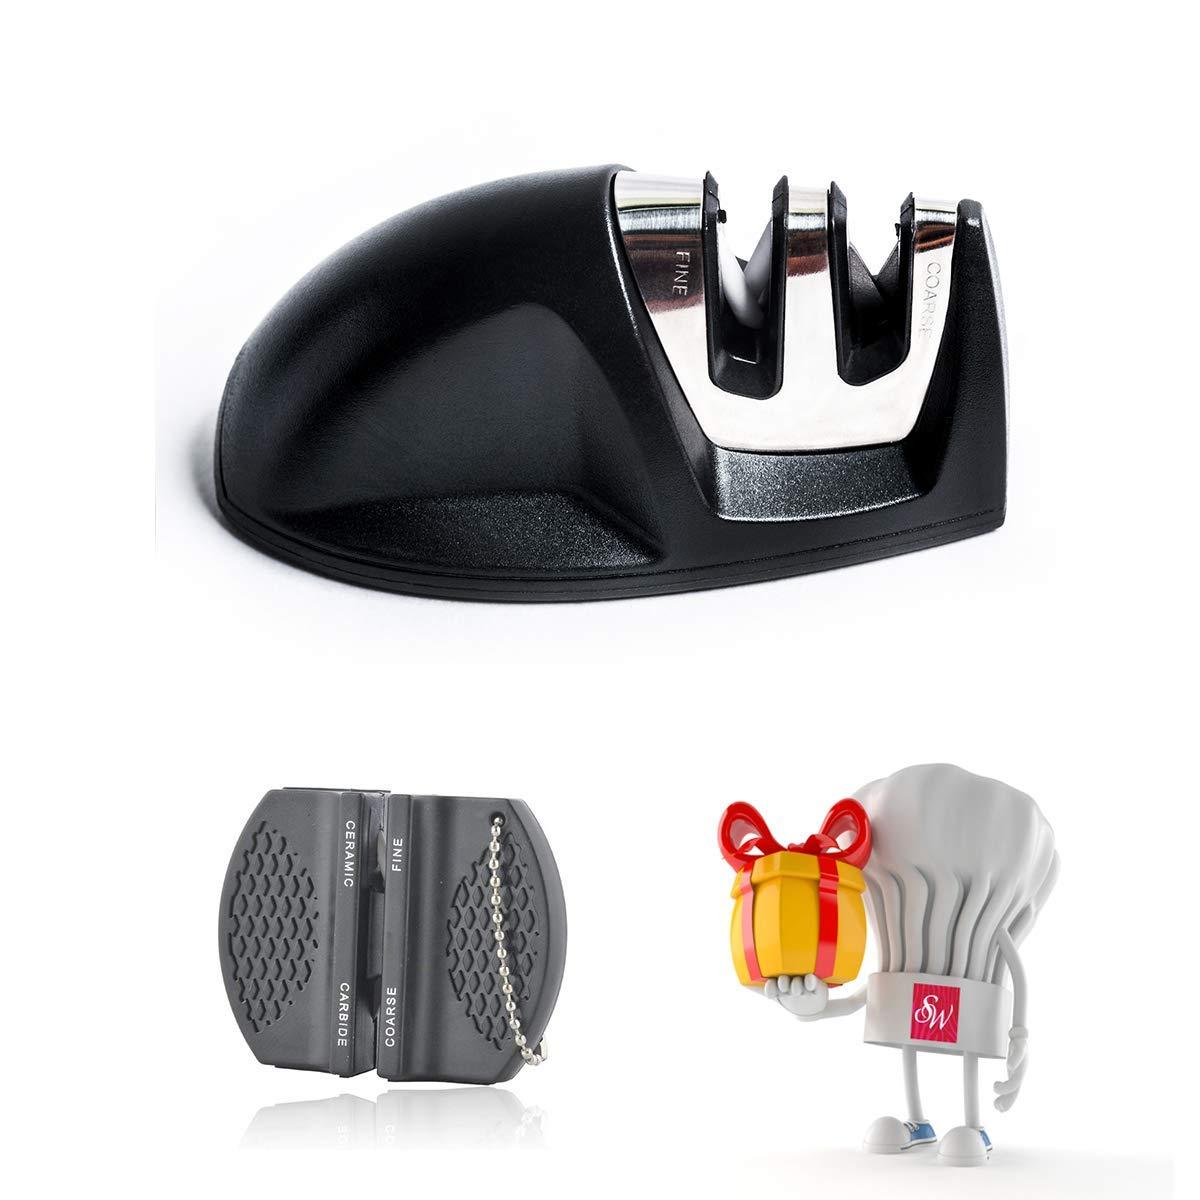 LPVLUX - 普通包丁やのこぎり刃包丁のための高品質包丁研ぎ器, 包丁研ぎ器, 包丁研ぎ (ブラック)